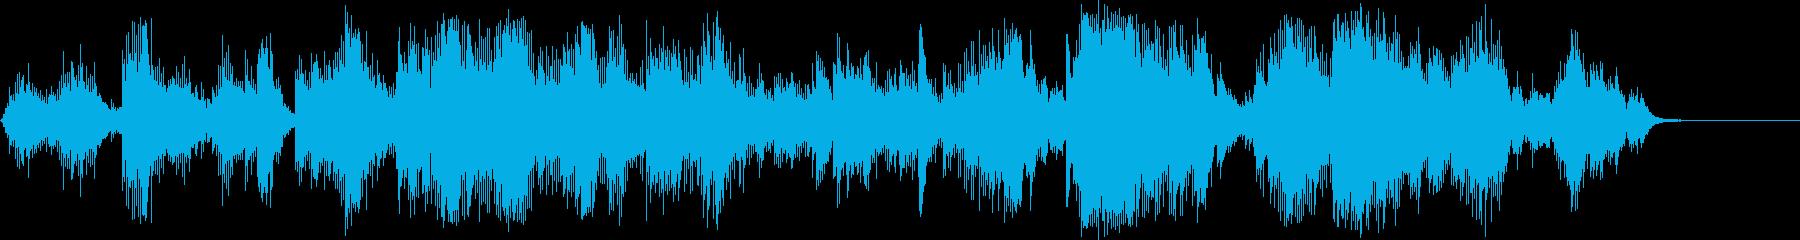 ガムラン 瞑想的 ミニマル 内省的 の再生済みの波形